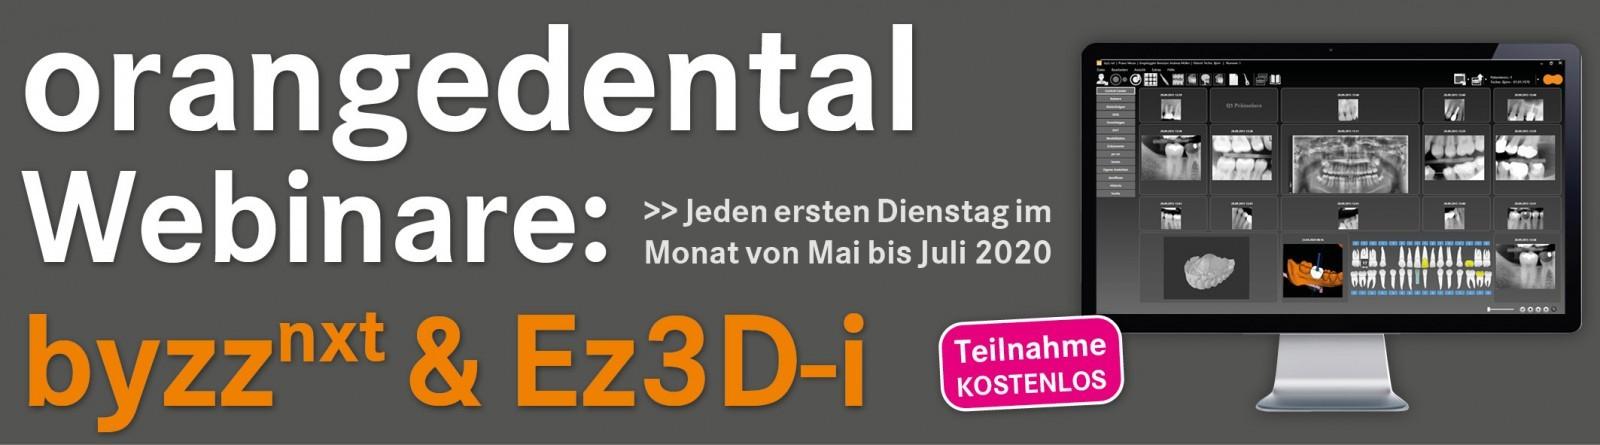 od-webinar-serie Jeden ersten Dienstag im Monat von Mai bis Juli 2020